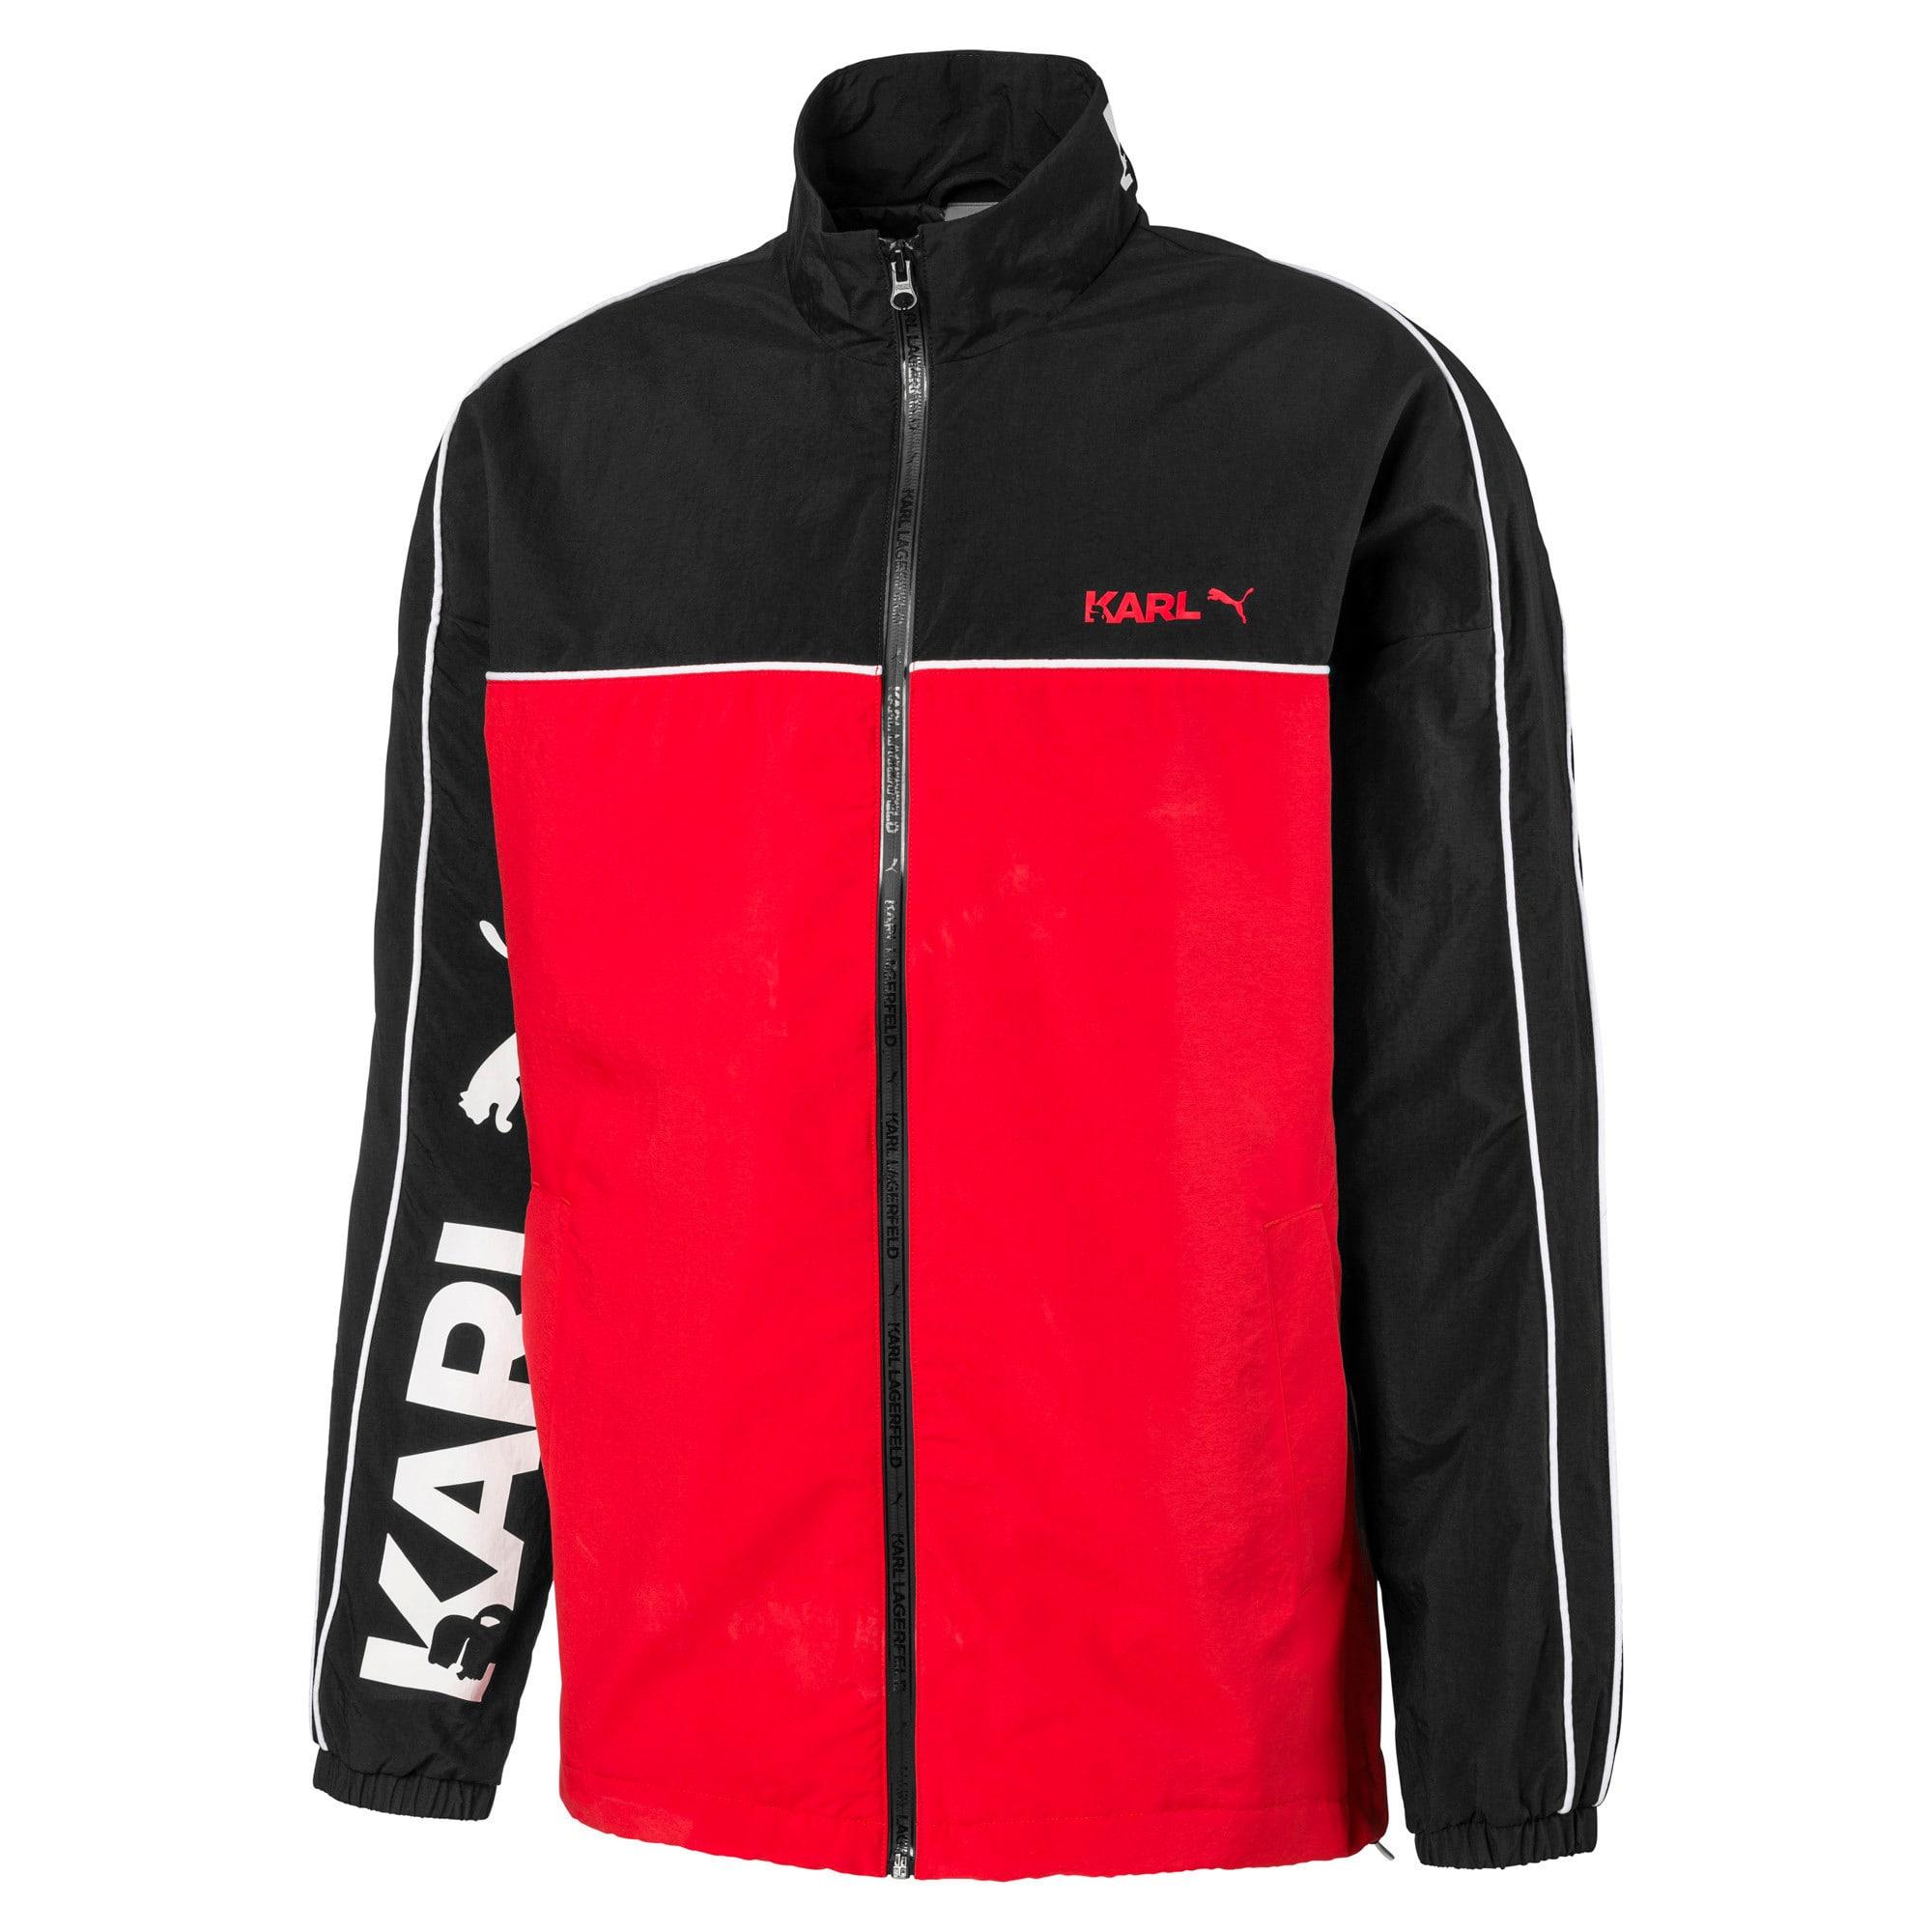 Thumbnail 4 of PUMA x KARL LAGERFELD Full Zip Men's Track Jacket, Puma Black, medium